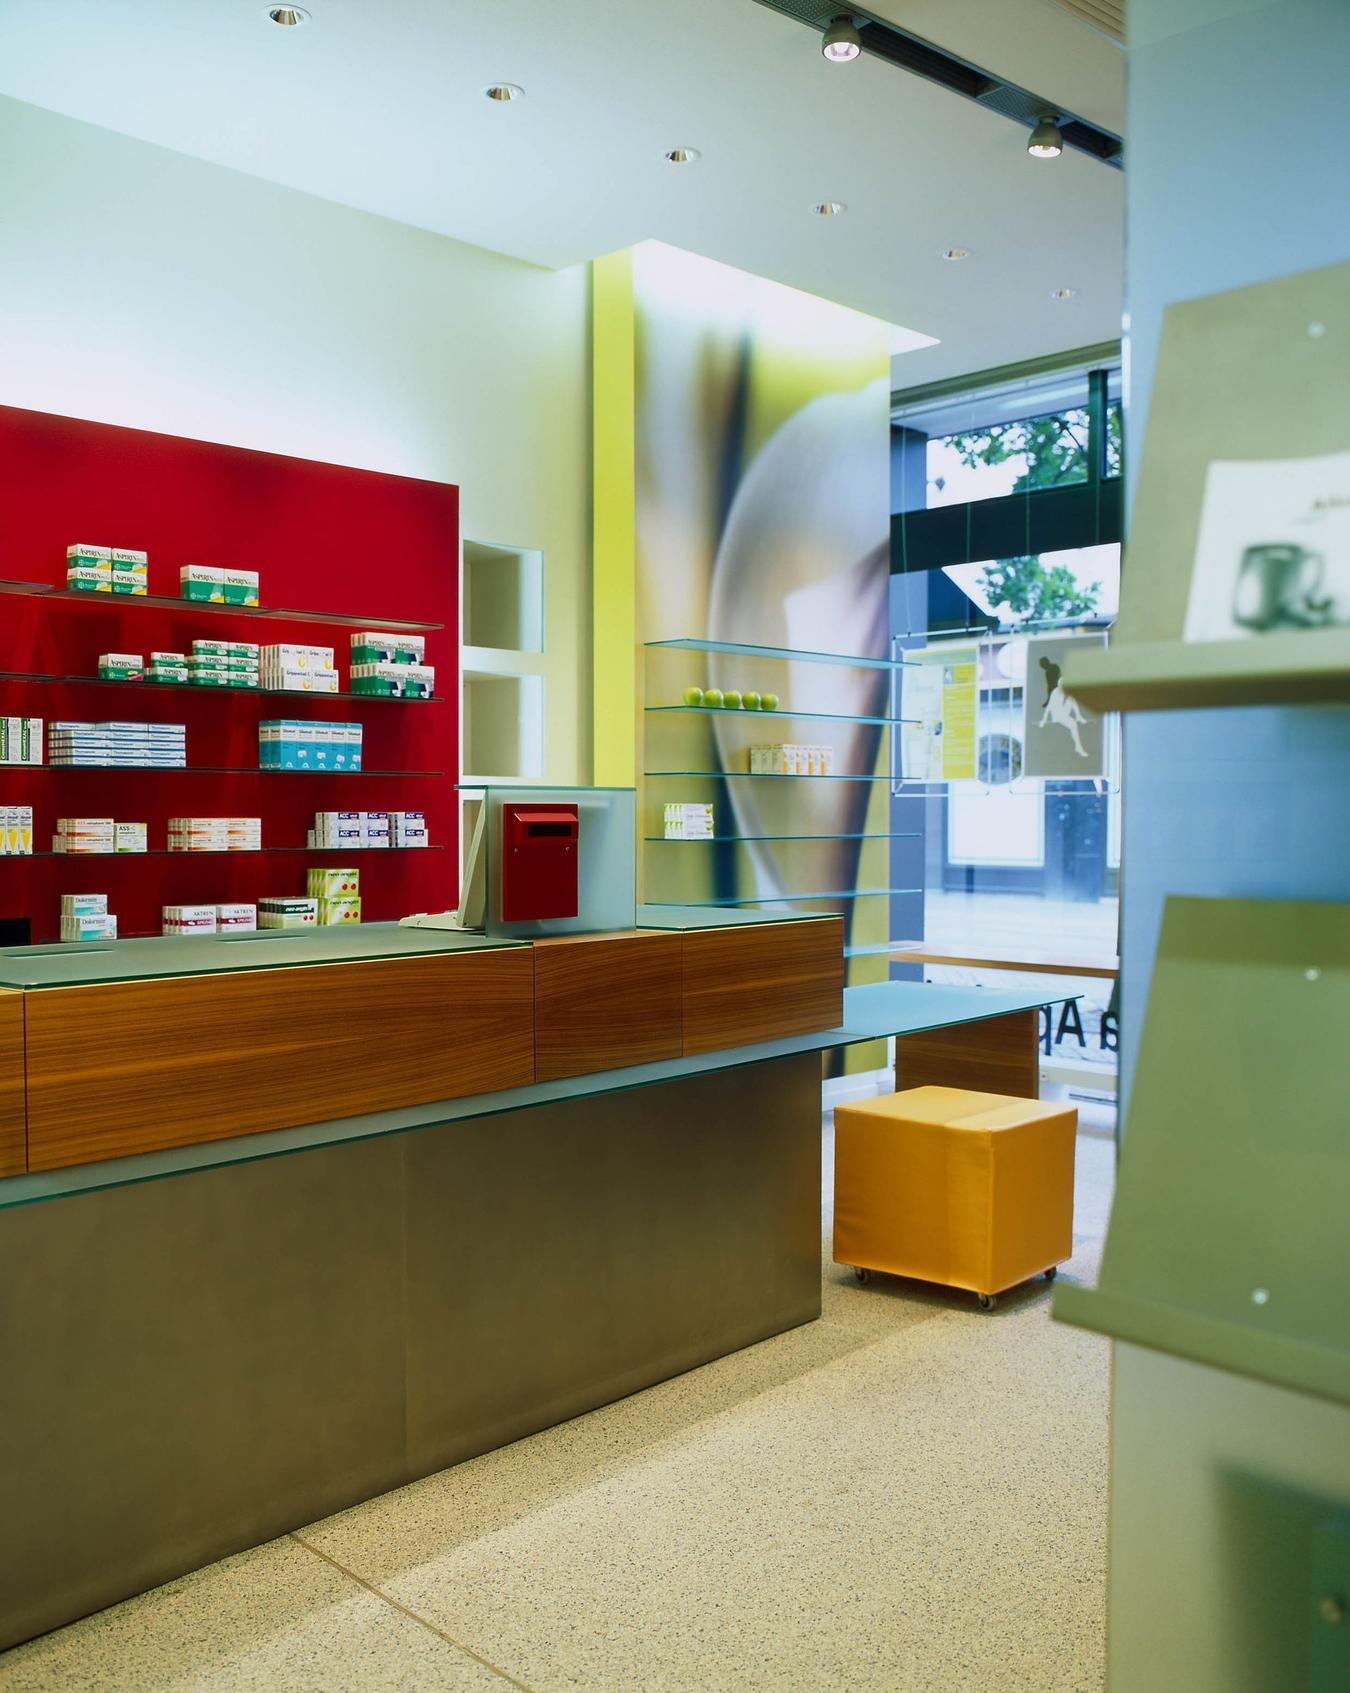 Das Kassensystem der Apotheke wurde ebenfalls mit Glasböden verkleidet